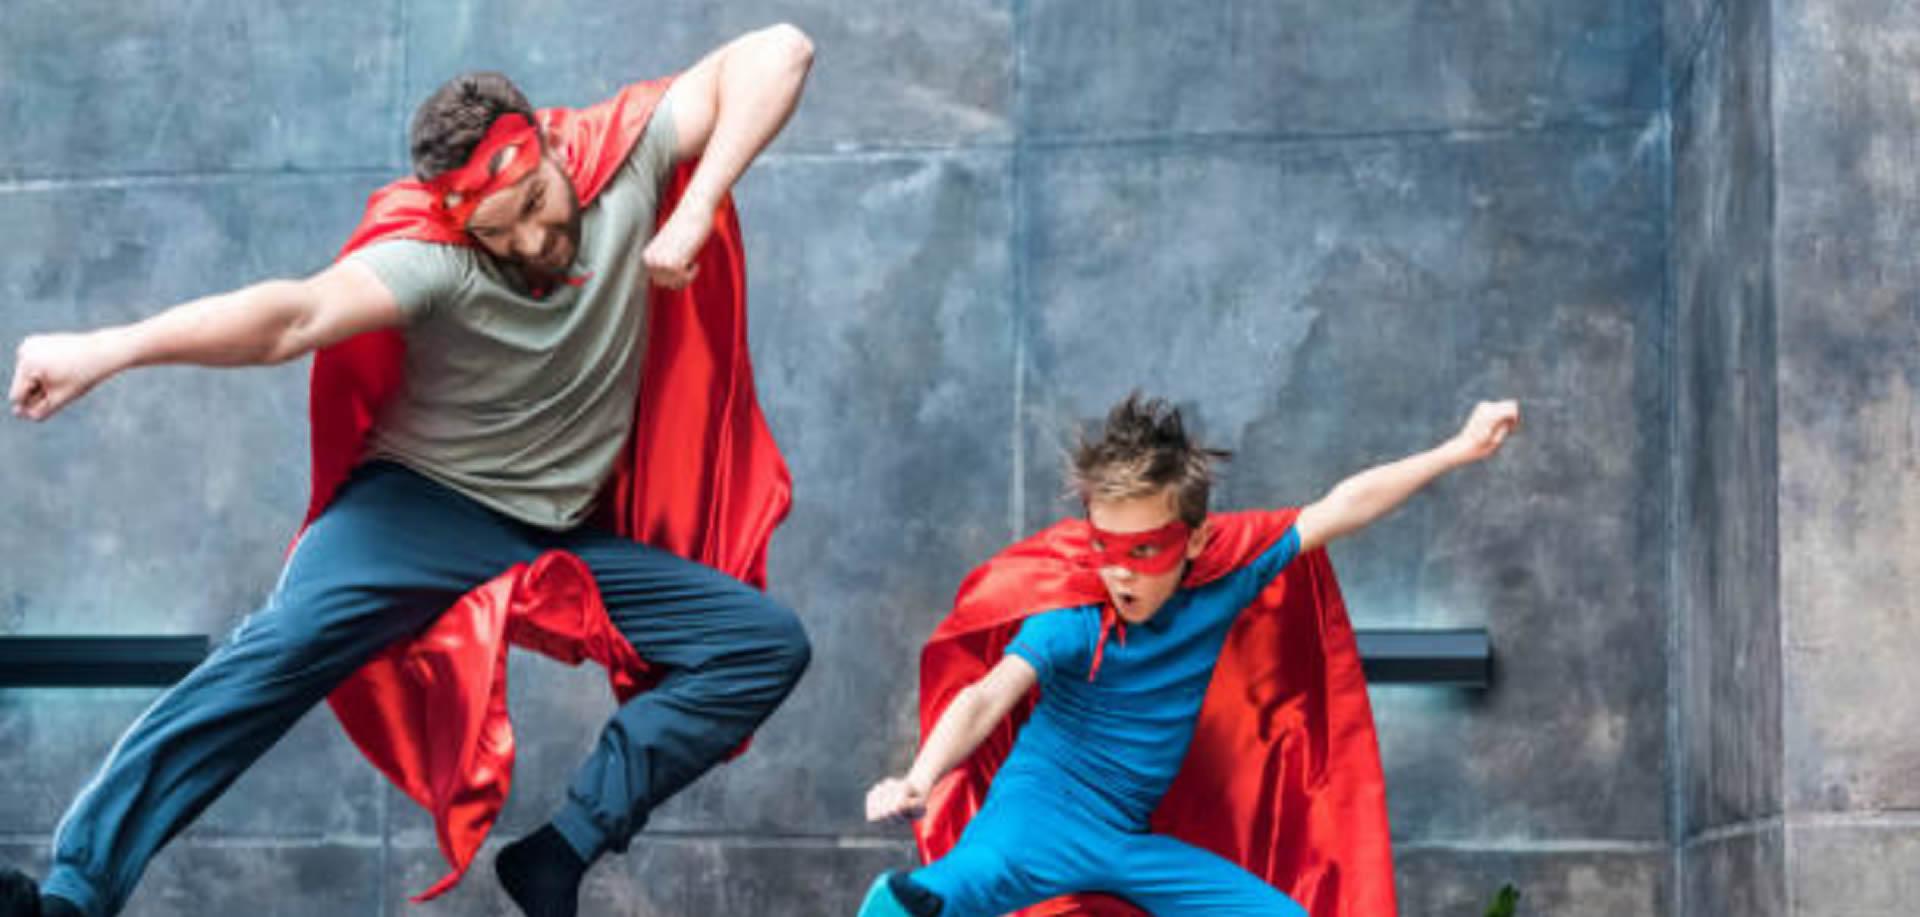 imagen principal de superheroes y villanos